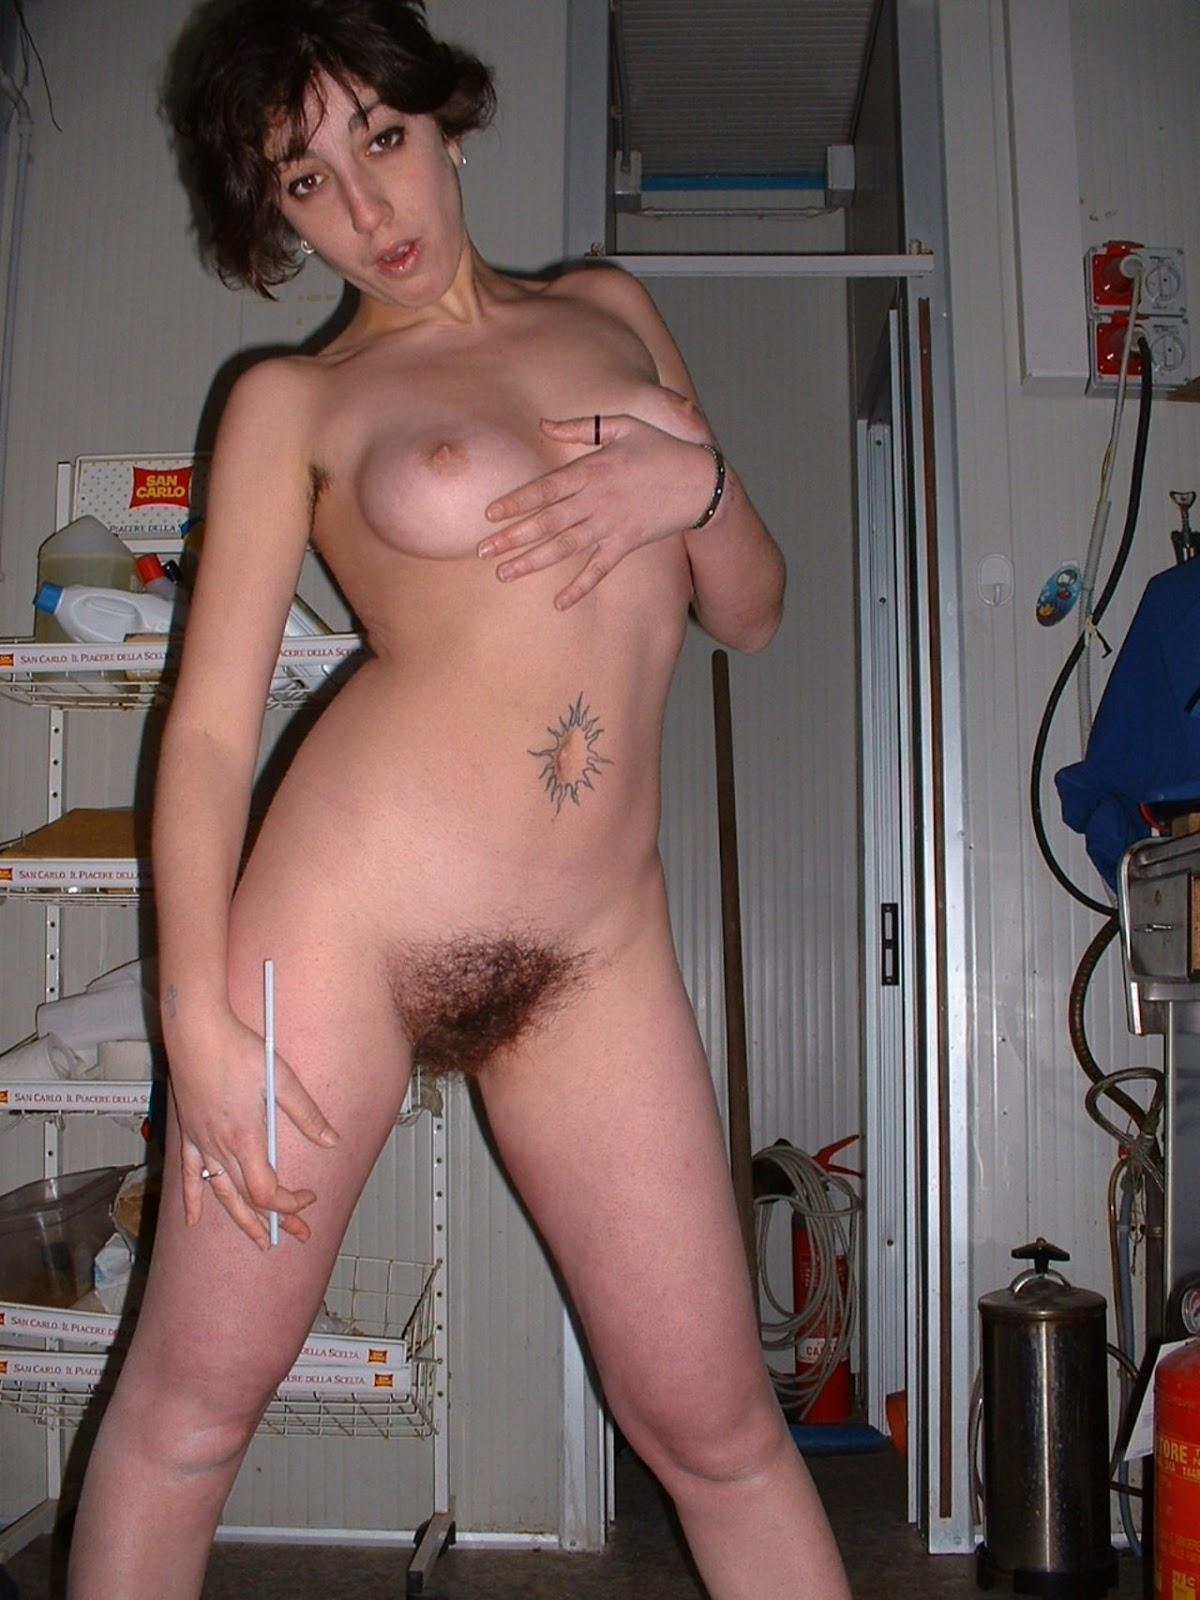 Mükemmel Amcık Resimleri  Porno Resimleri Sex Gif